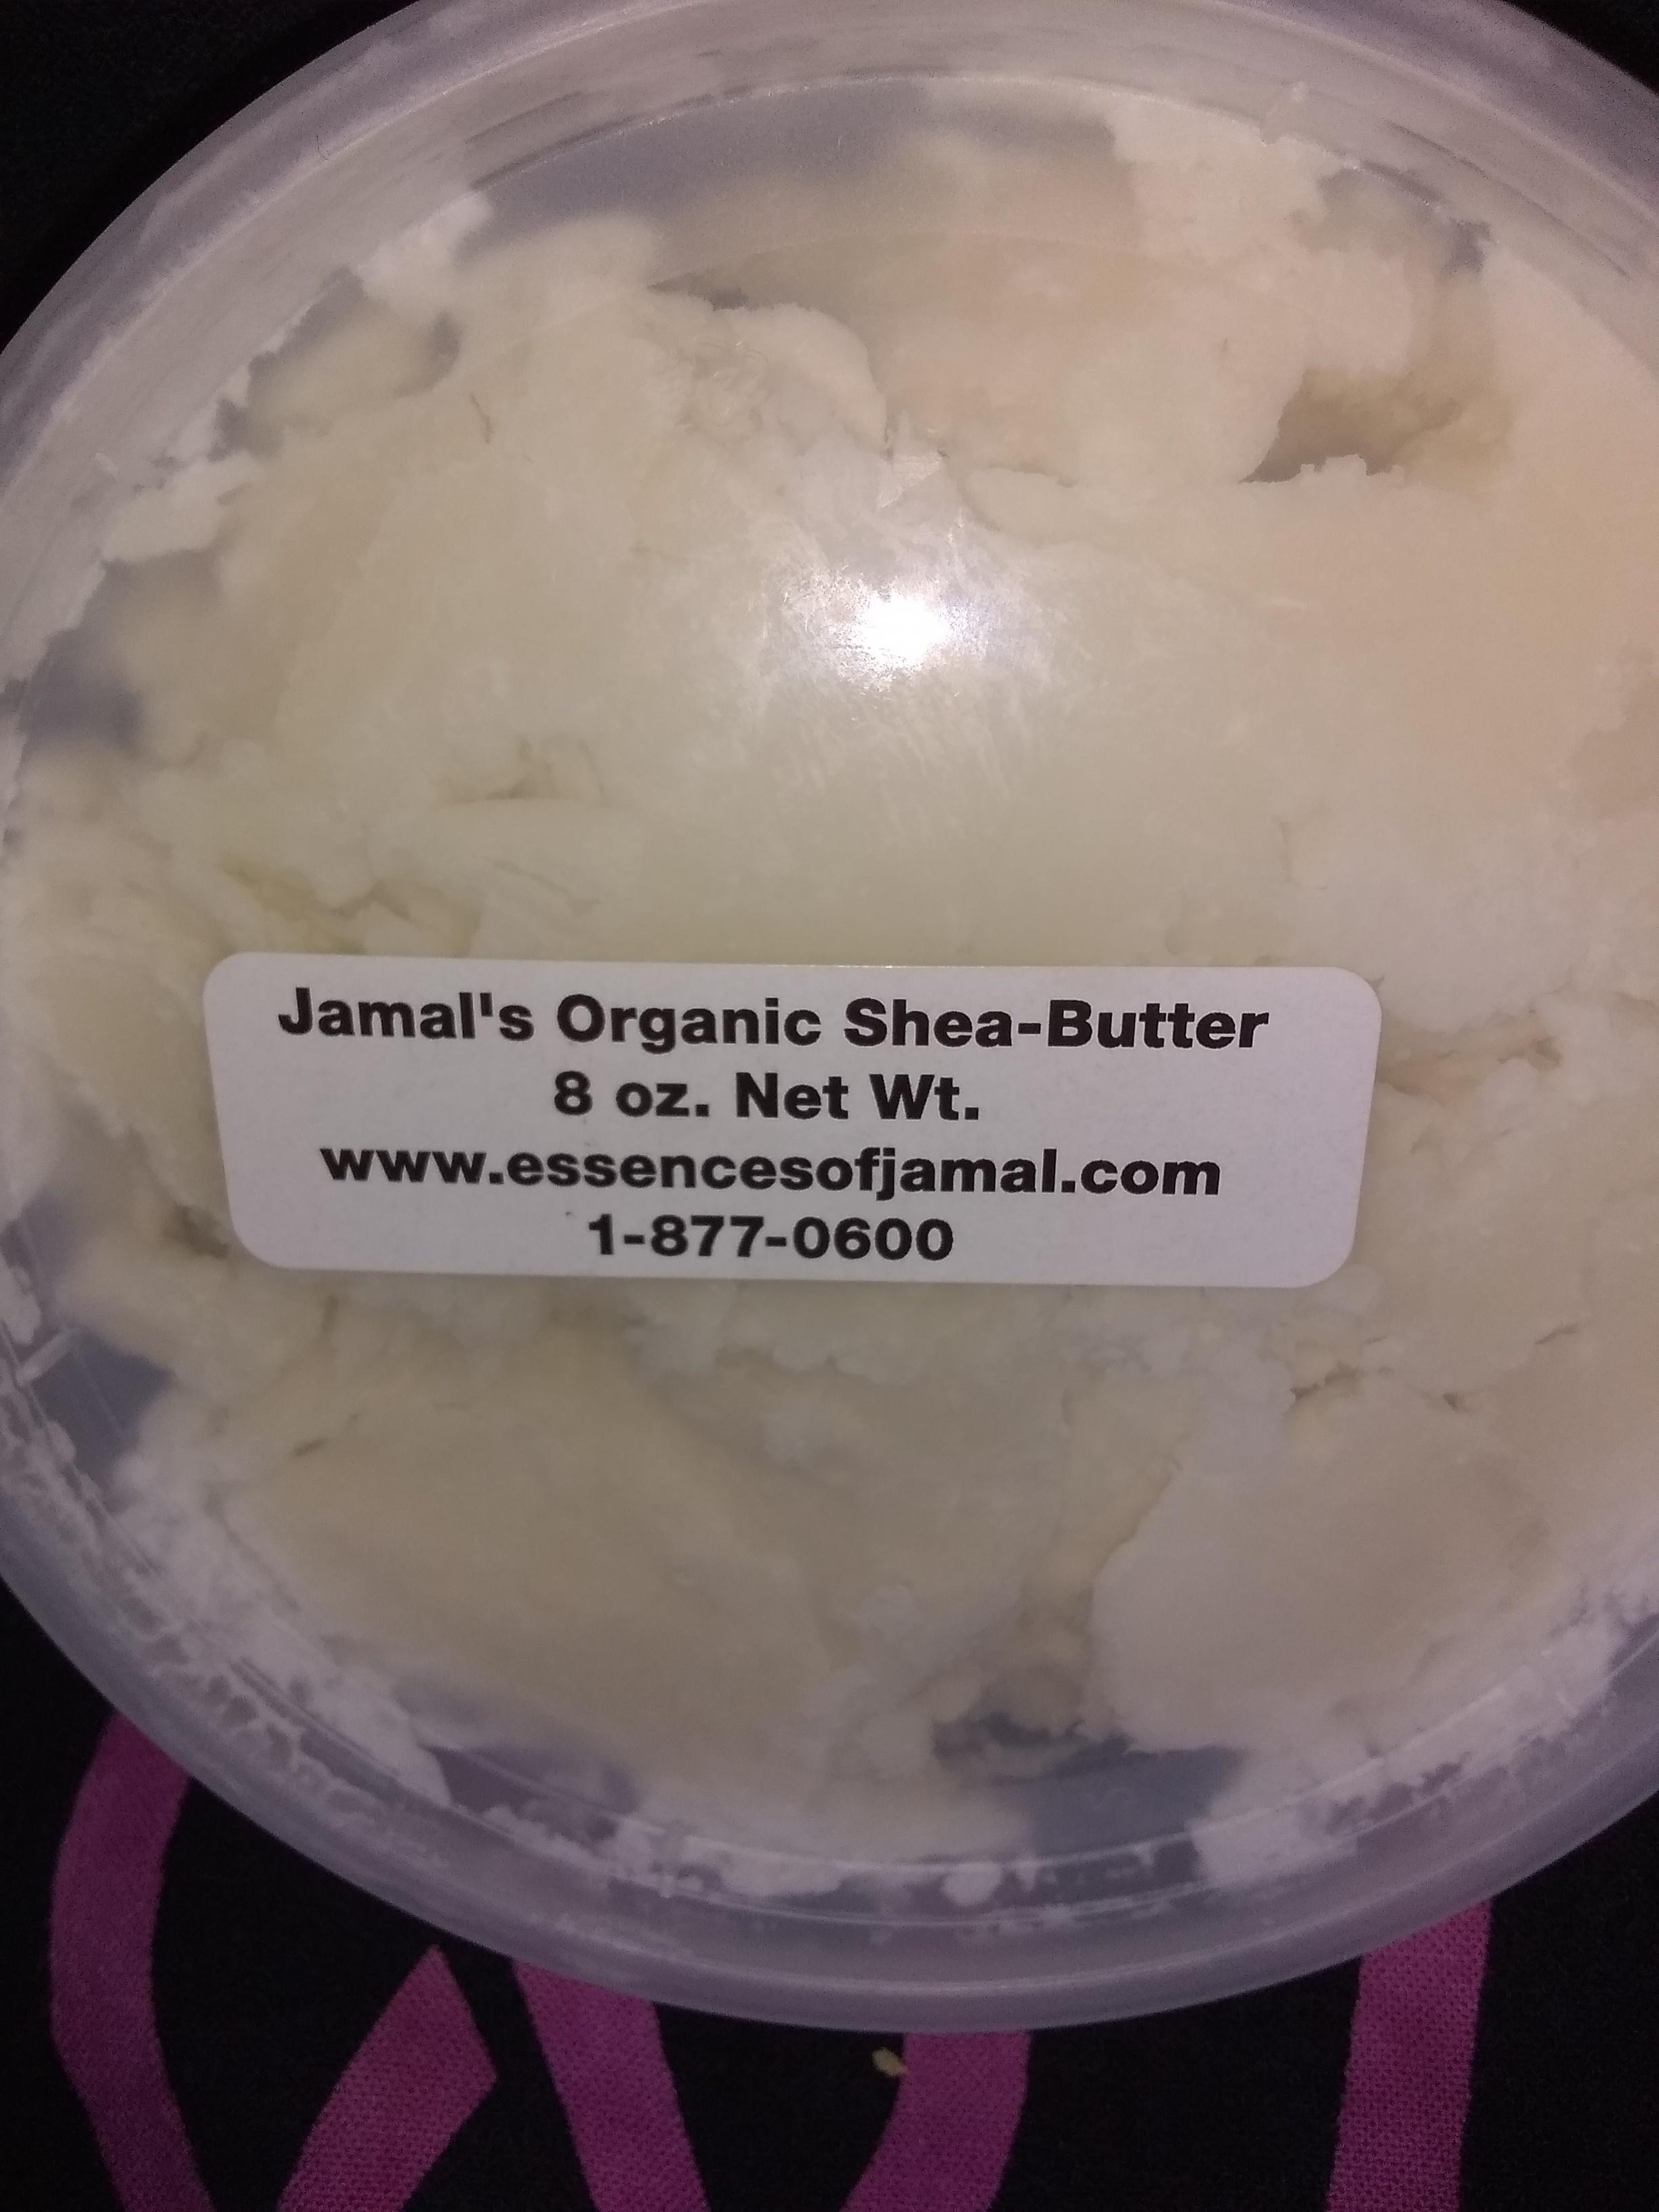 Essences Of Jamal.net/order online -24 hours . image 9